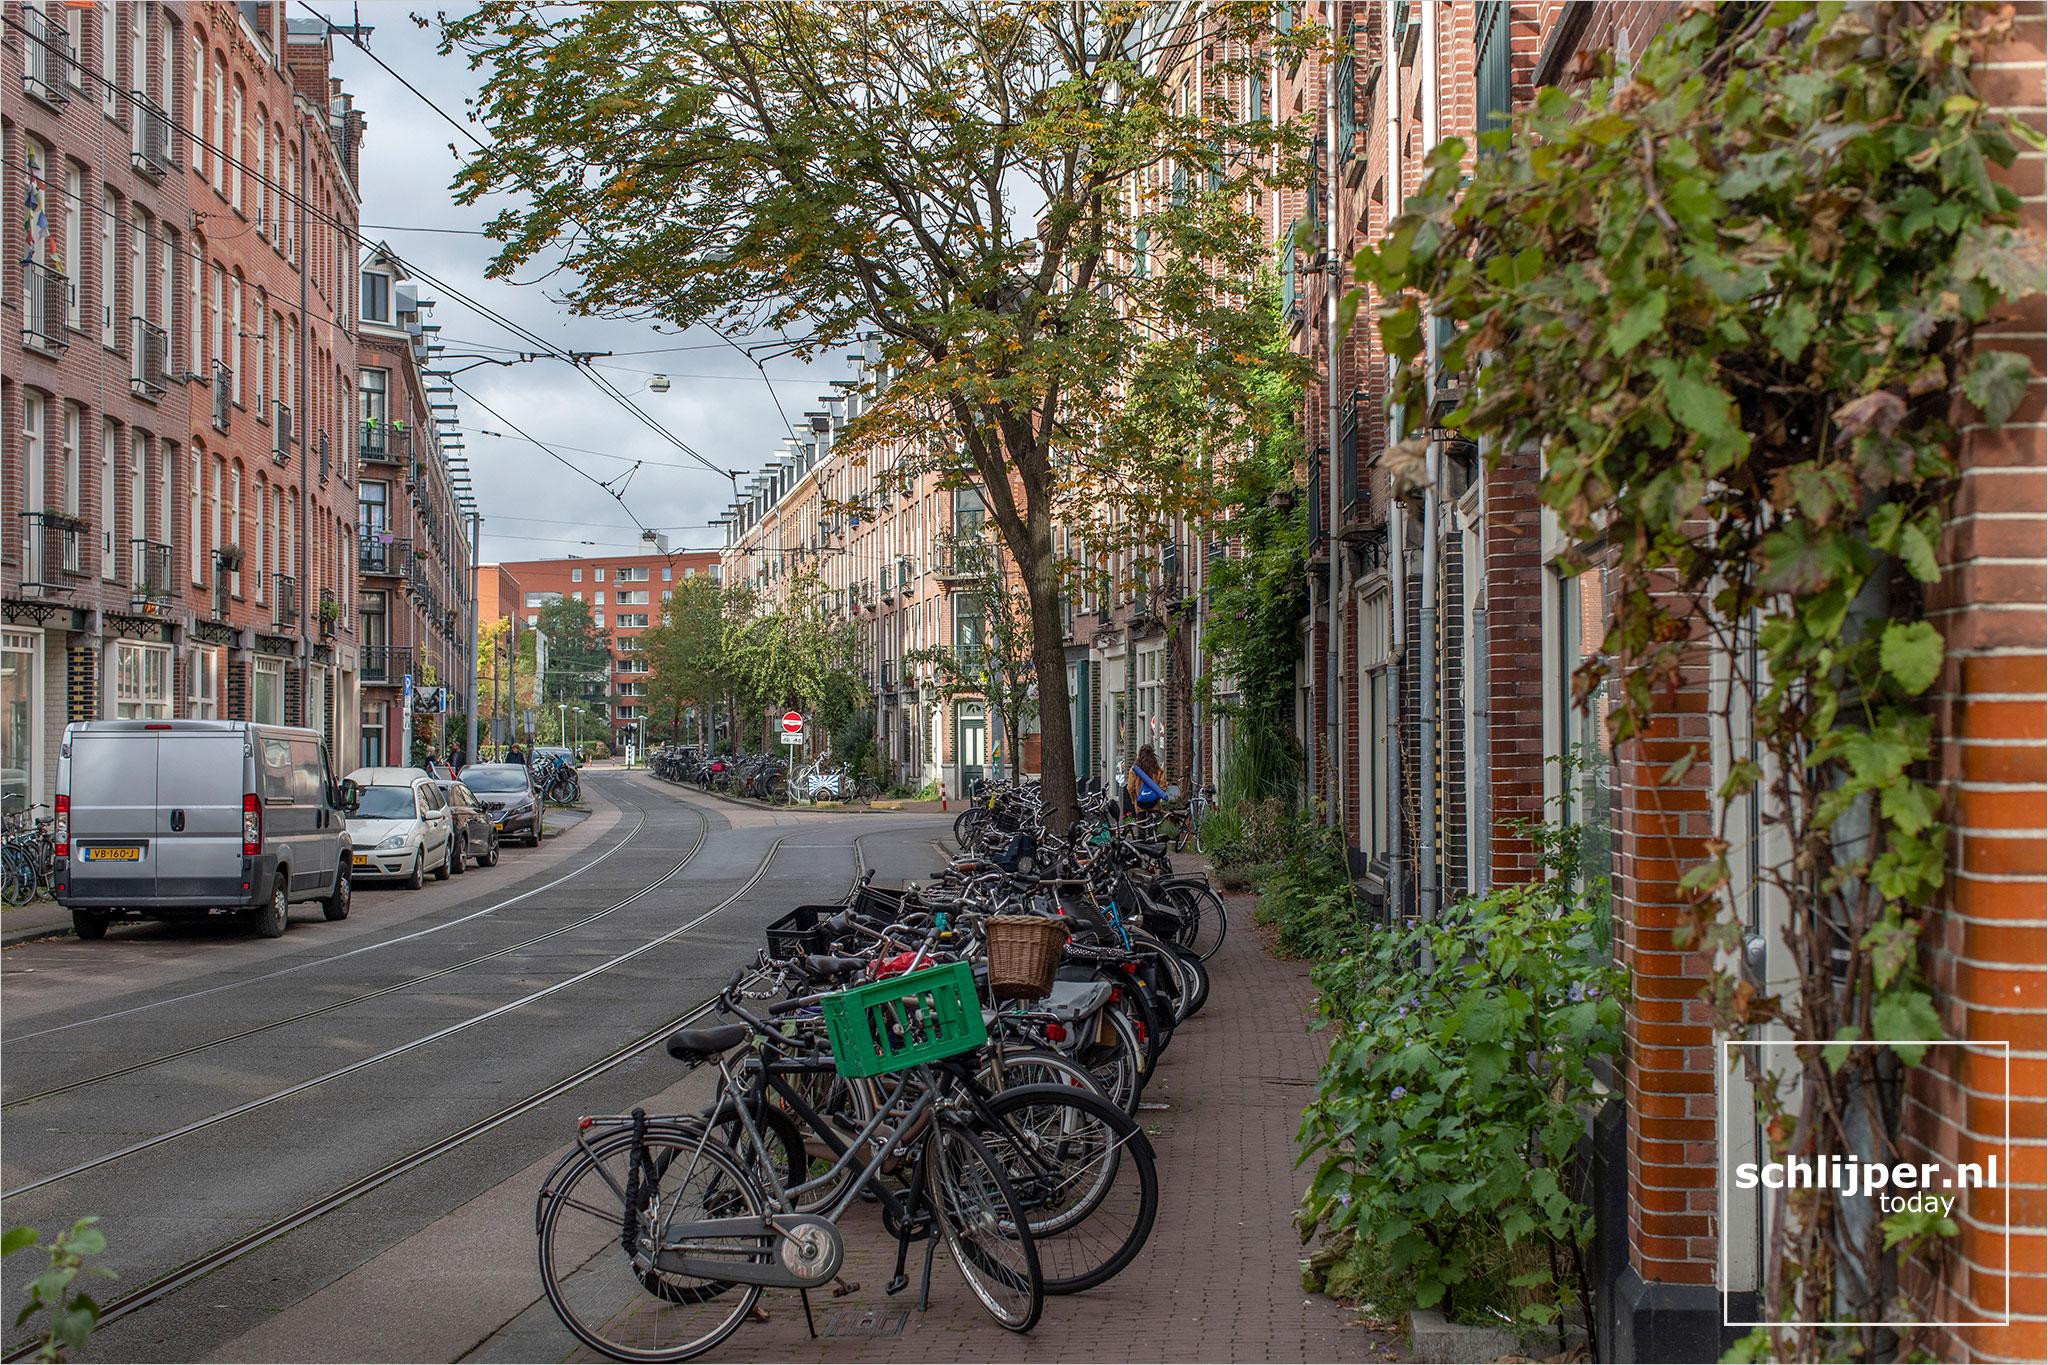 Nederland, Amsterdam, 25 september 2020